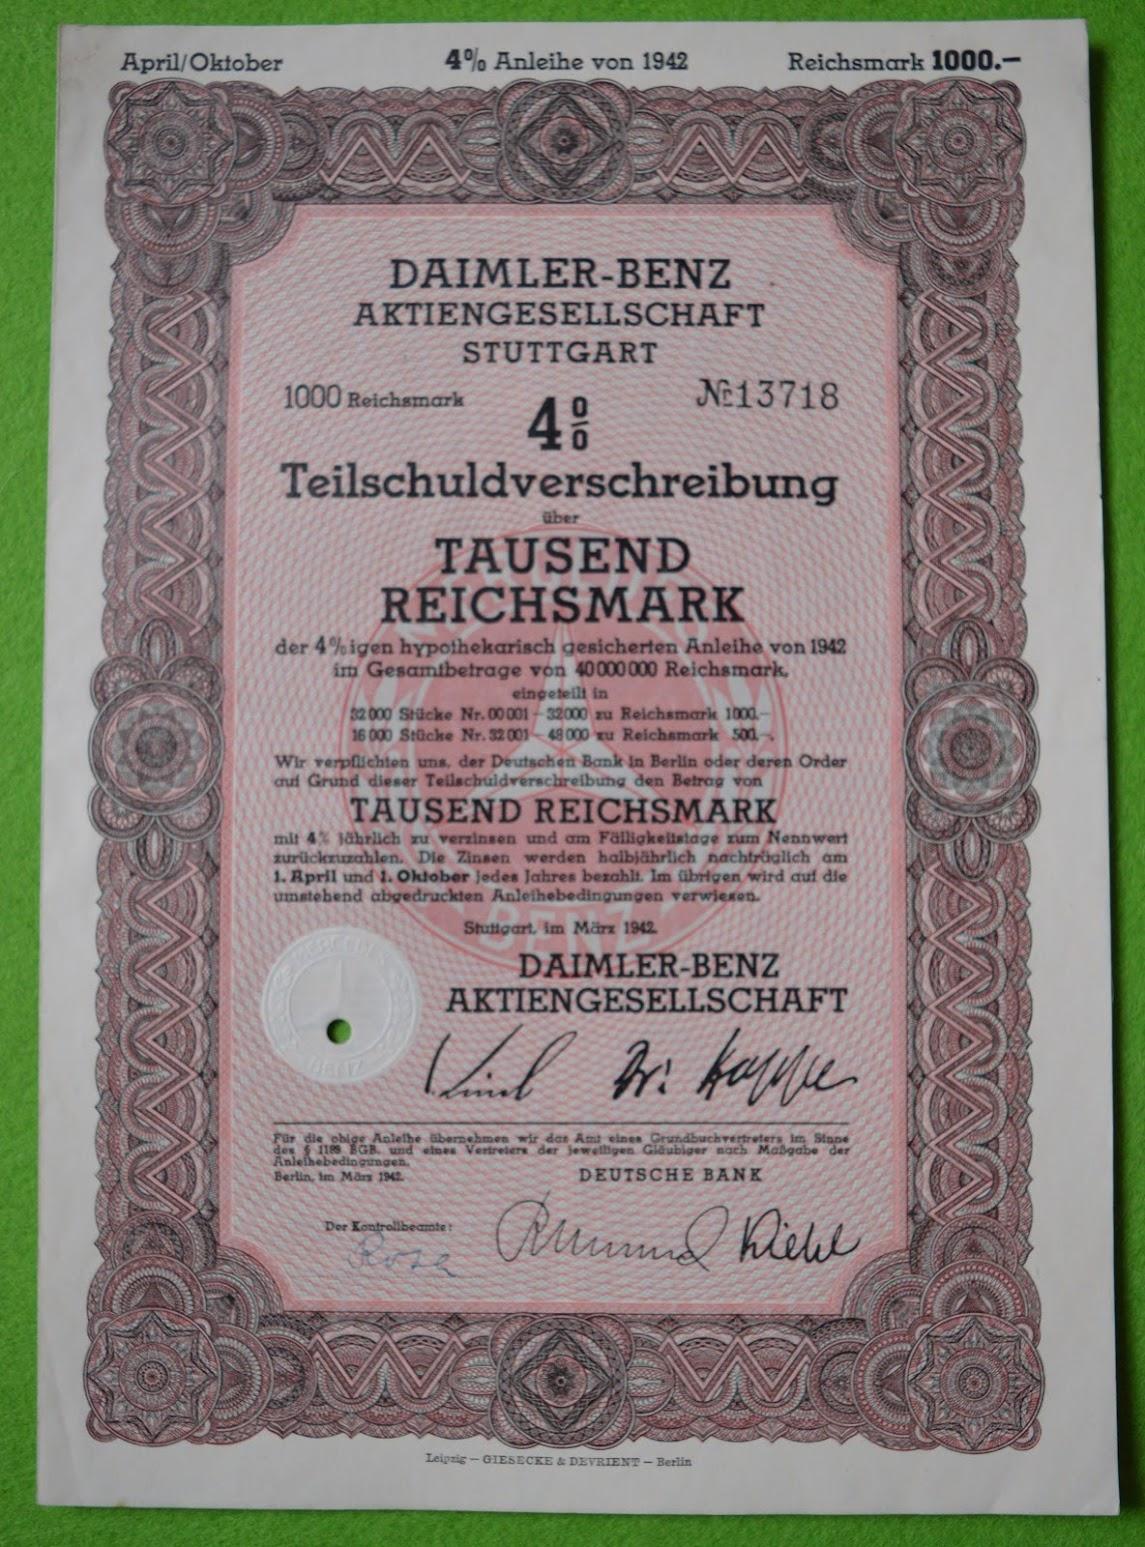 Aktie - Daimler-Benz Aktiengesellschaft - 1000 RM - 1942